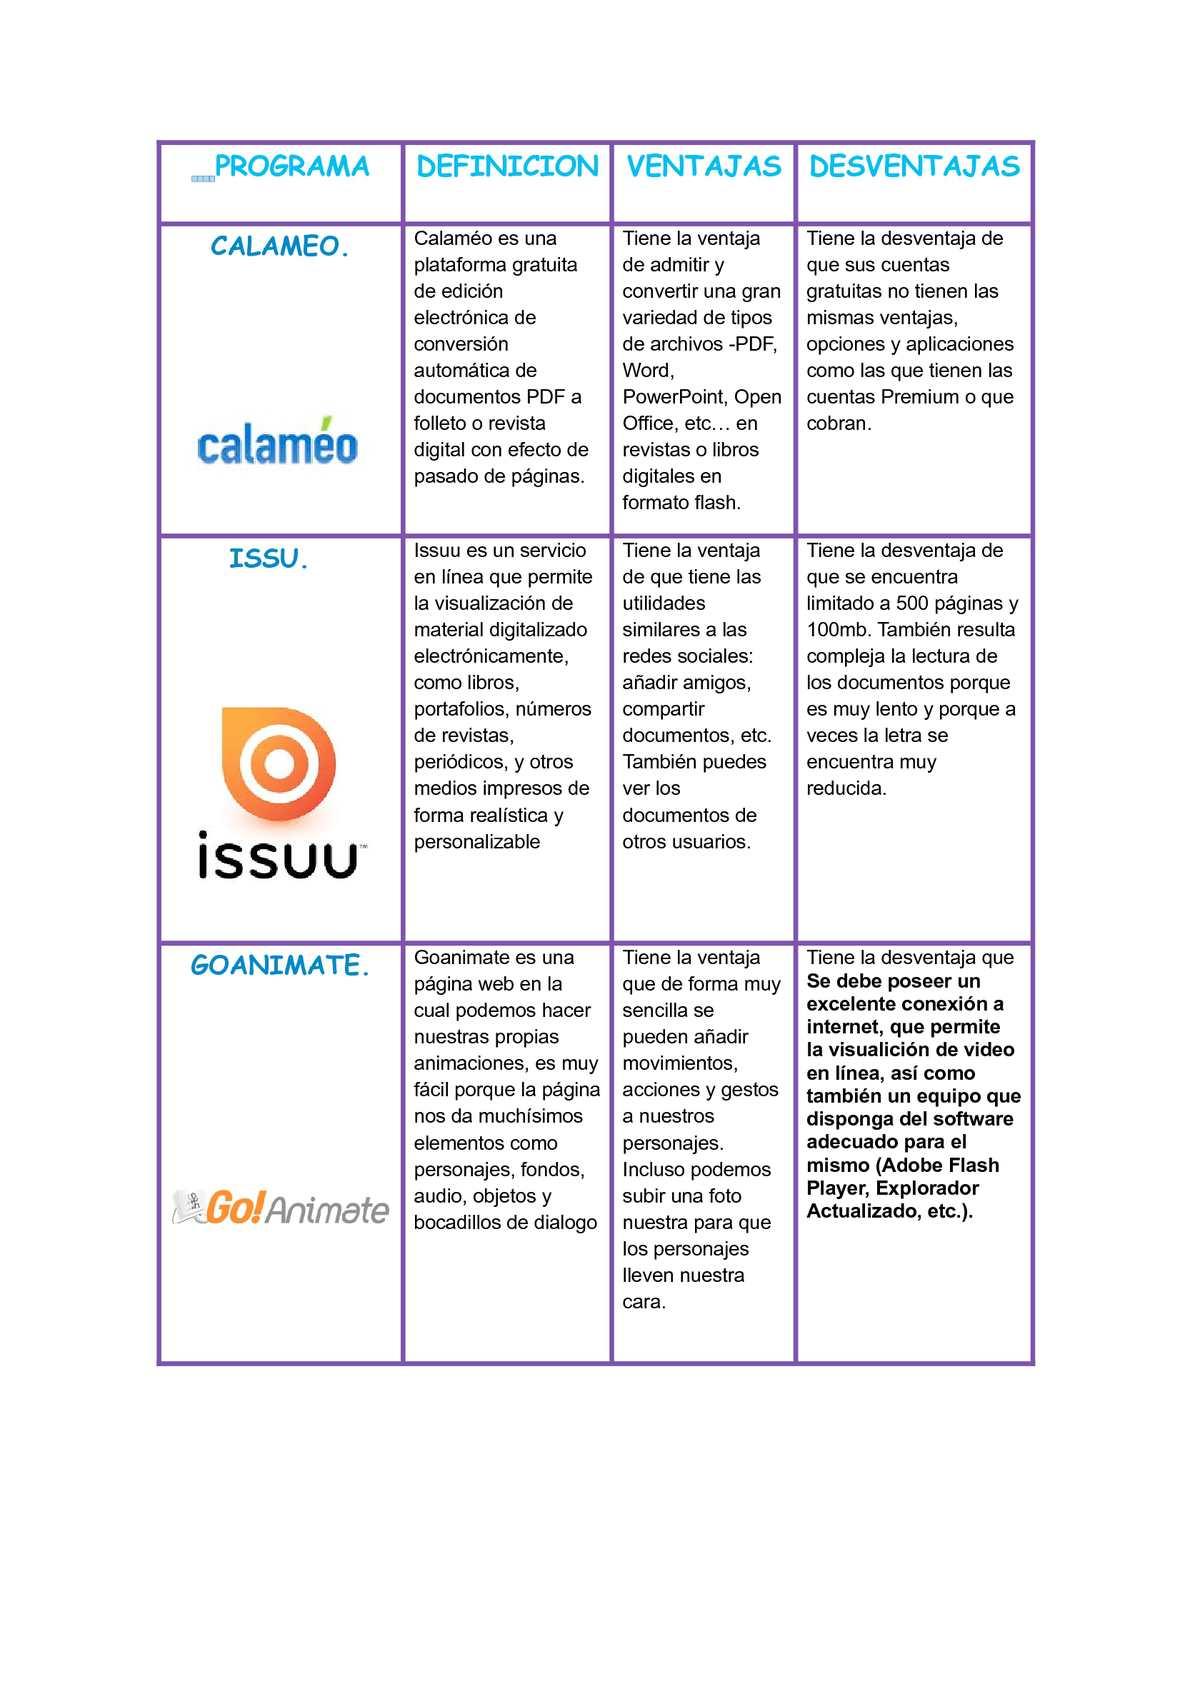 Calaméo - Cuadro Comparativo.